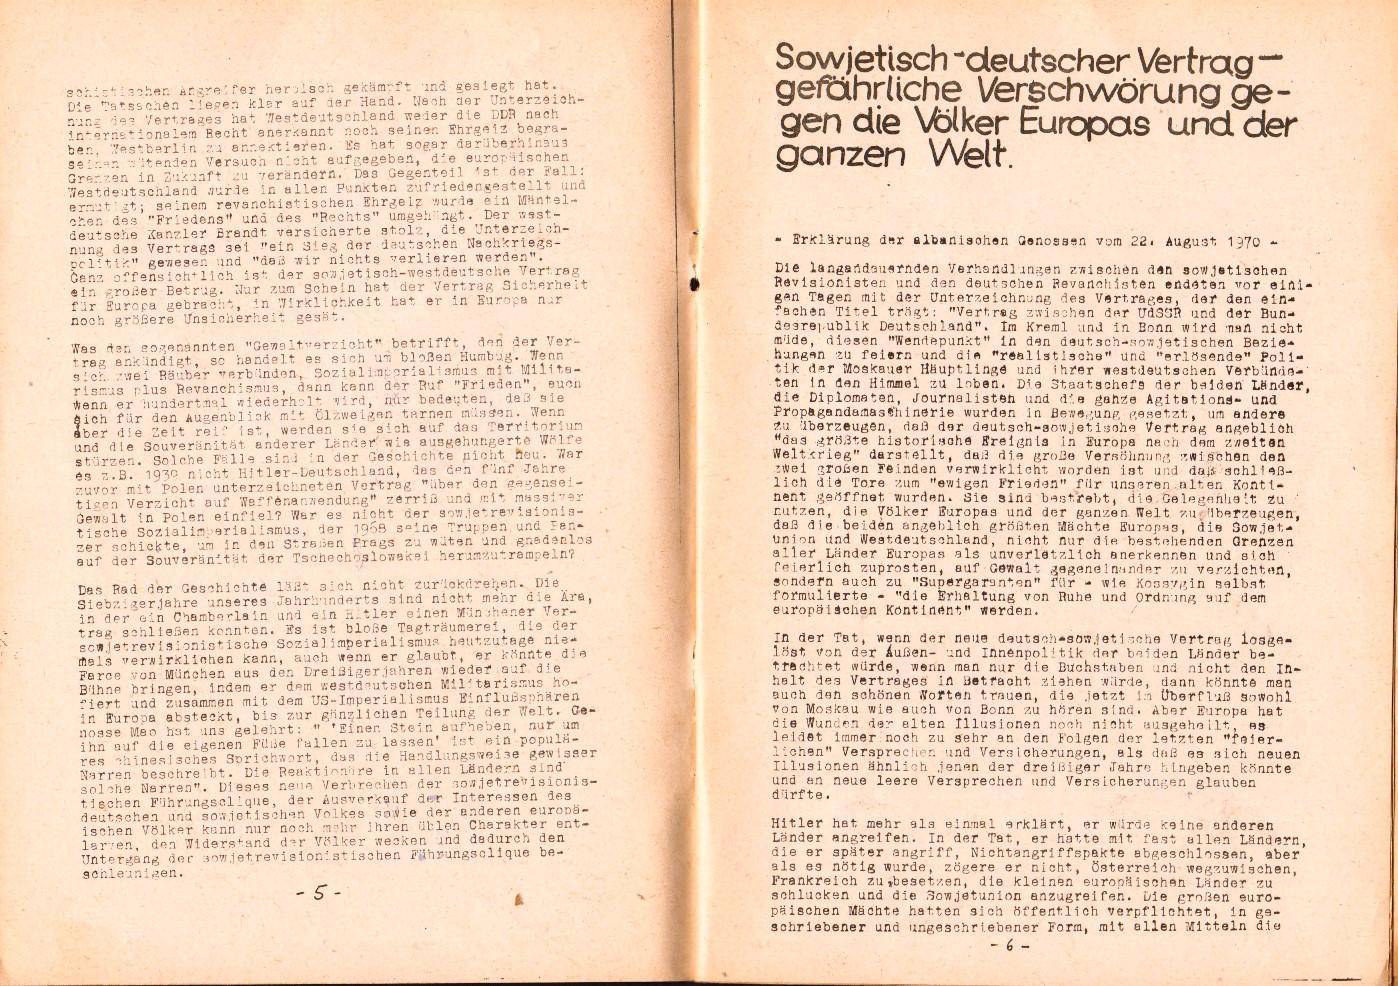 KPDML_1970_Der_sowjetisch_westdeutsche_Vertrag_06